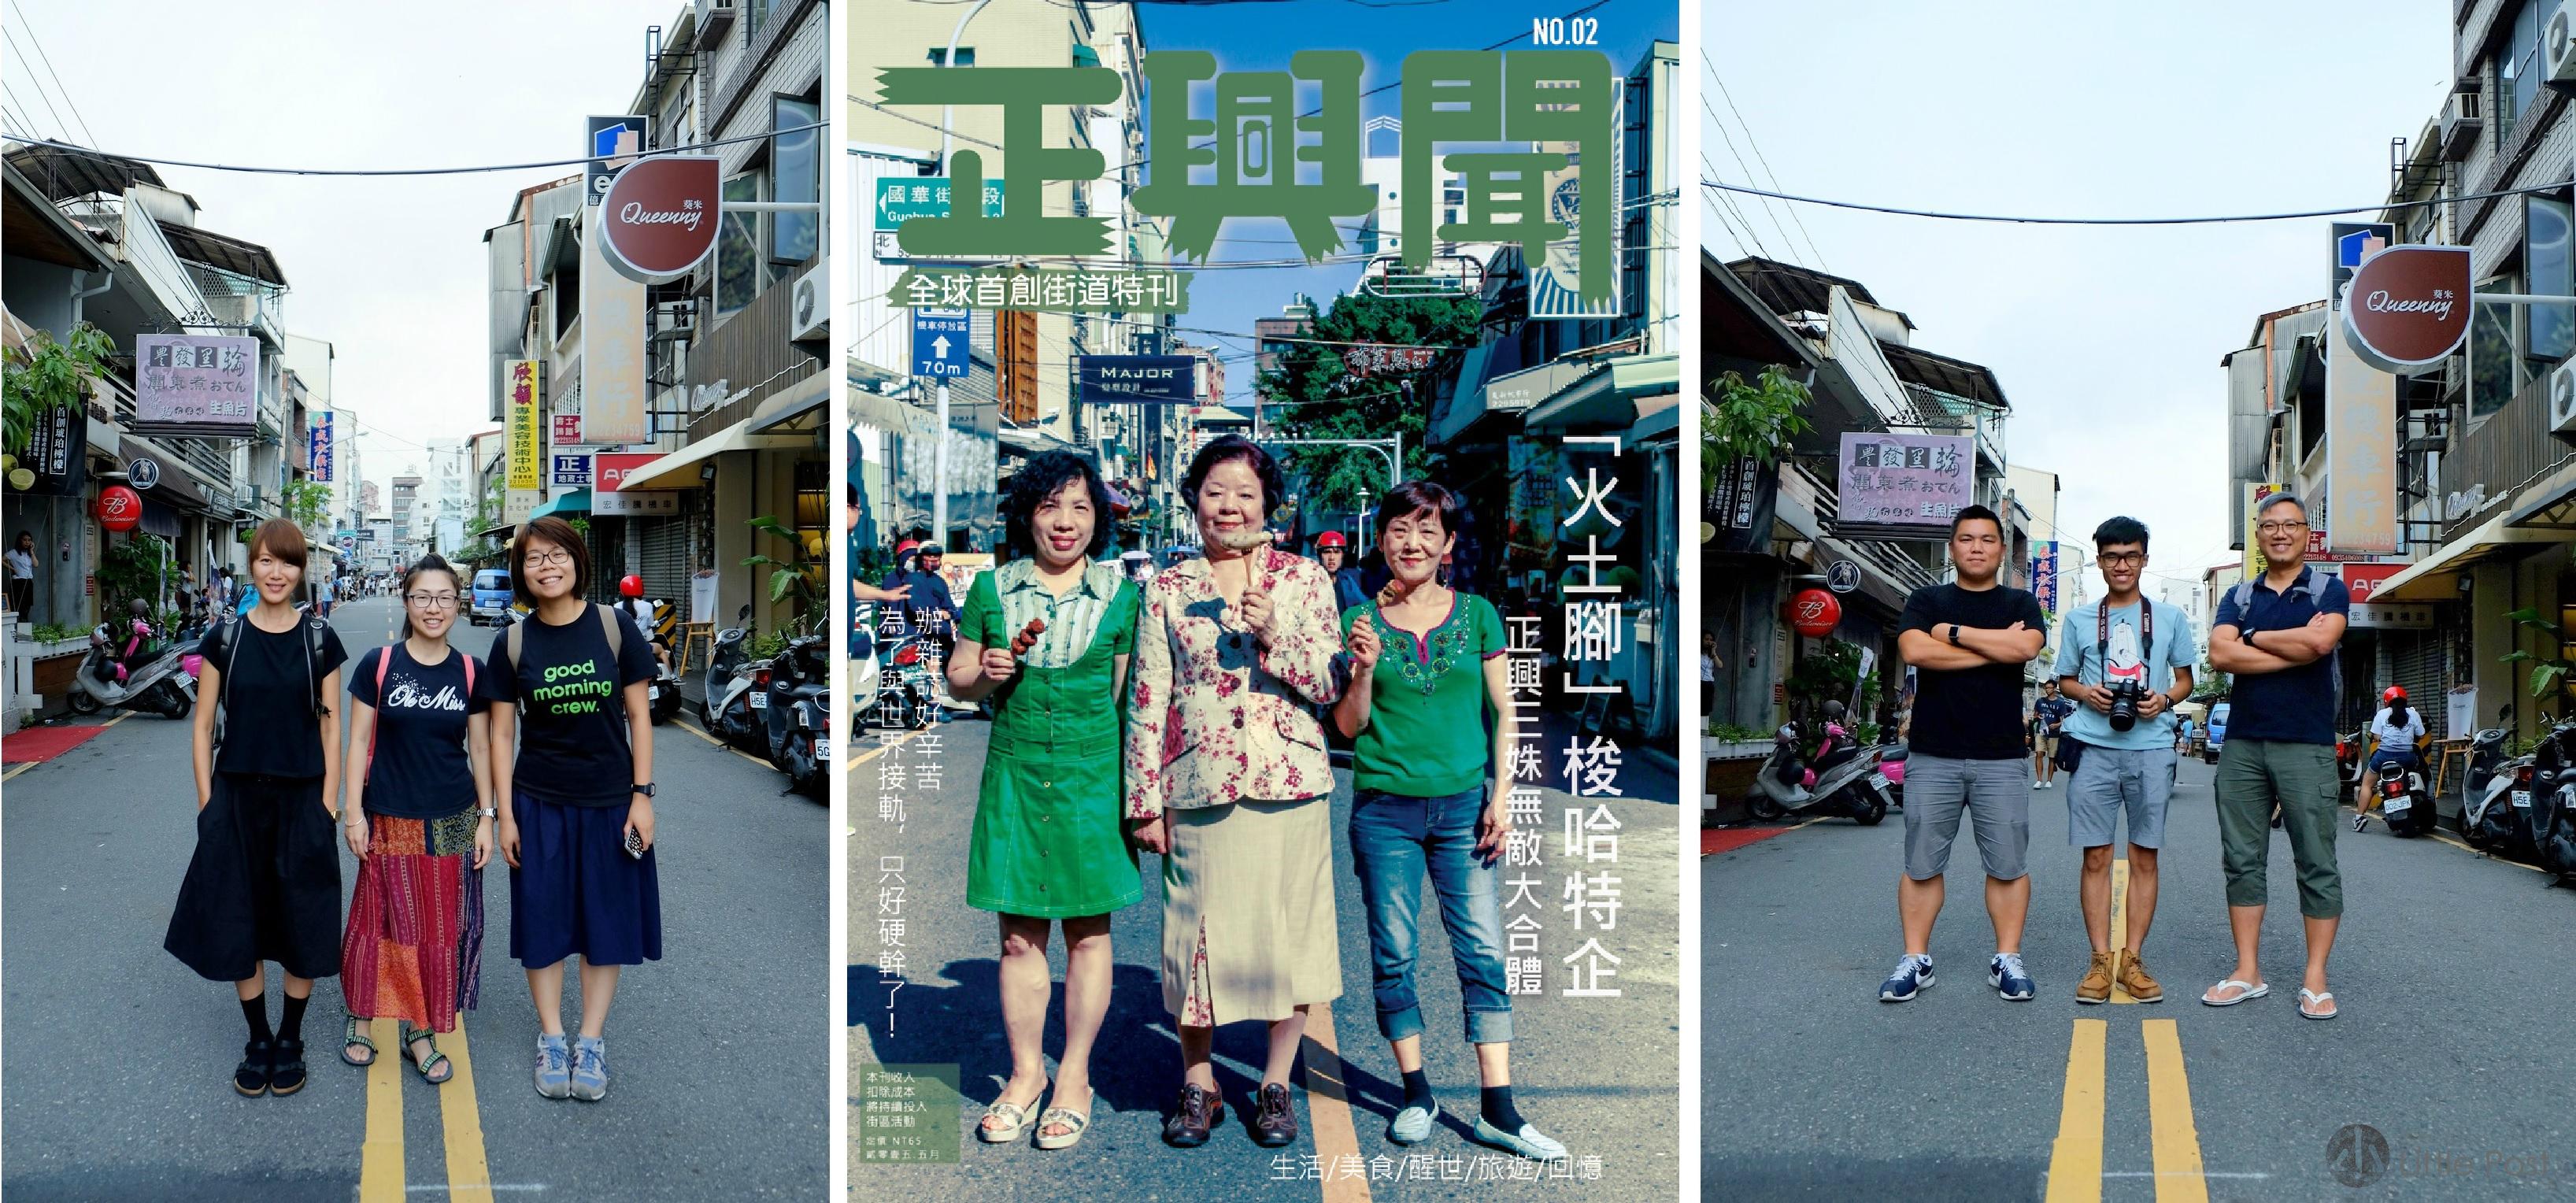 參照台南正興街地區報《正興聞》,「一小步」團隊(圖左、右)在正興街當然要模仿「正興三姝」(圖中,網絡圖片)拍張照片啦!